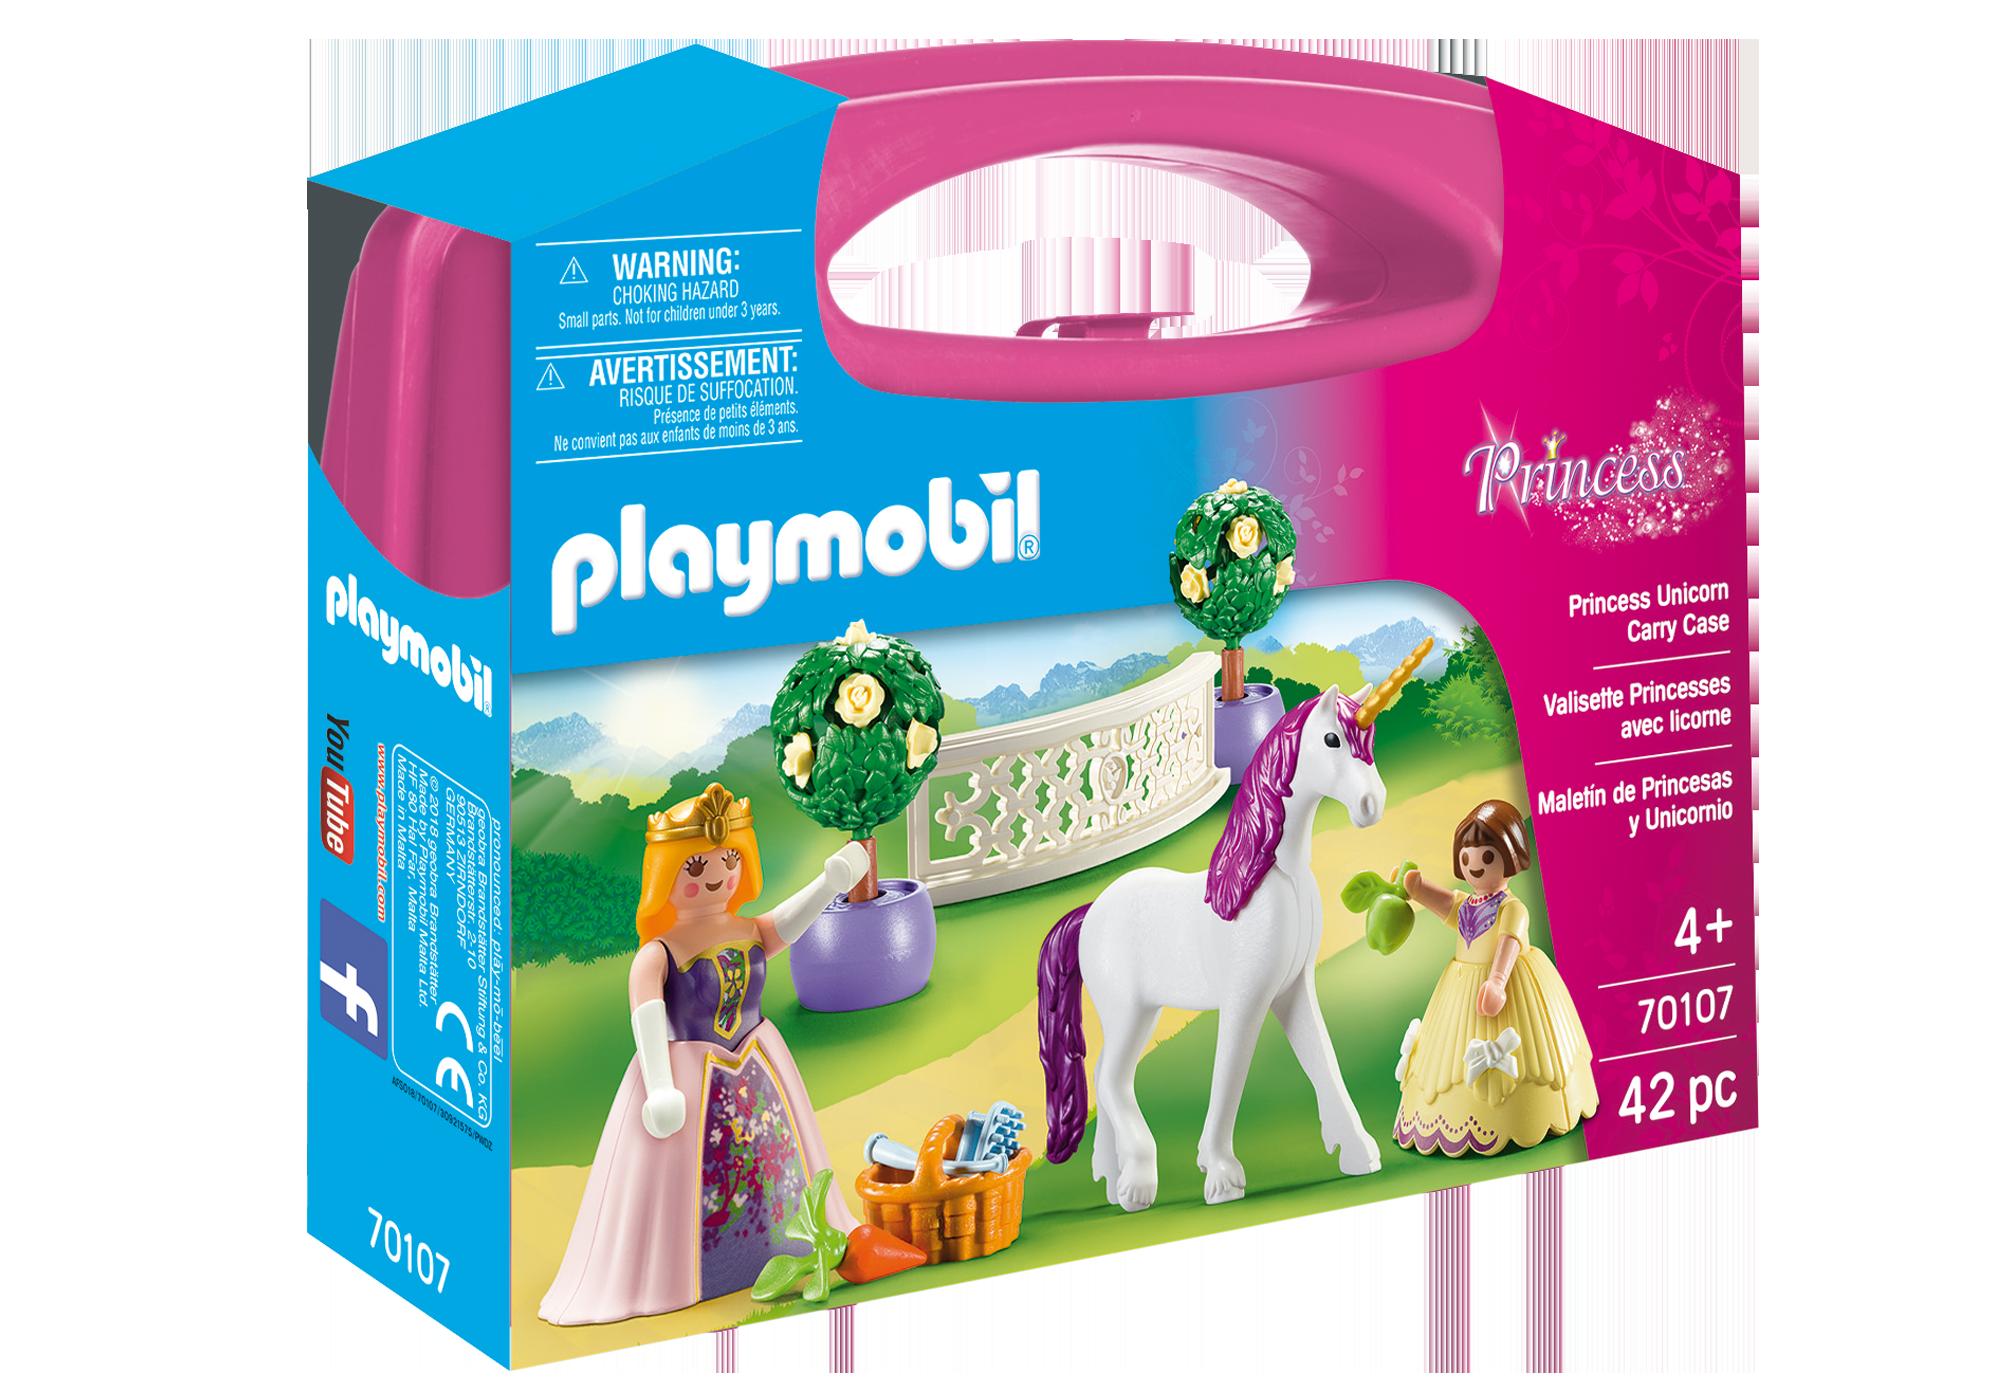 http://media.playmobil.com/i/playmobil/70107_product_box_front/Valisette Princesses avec licorne